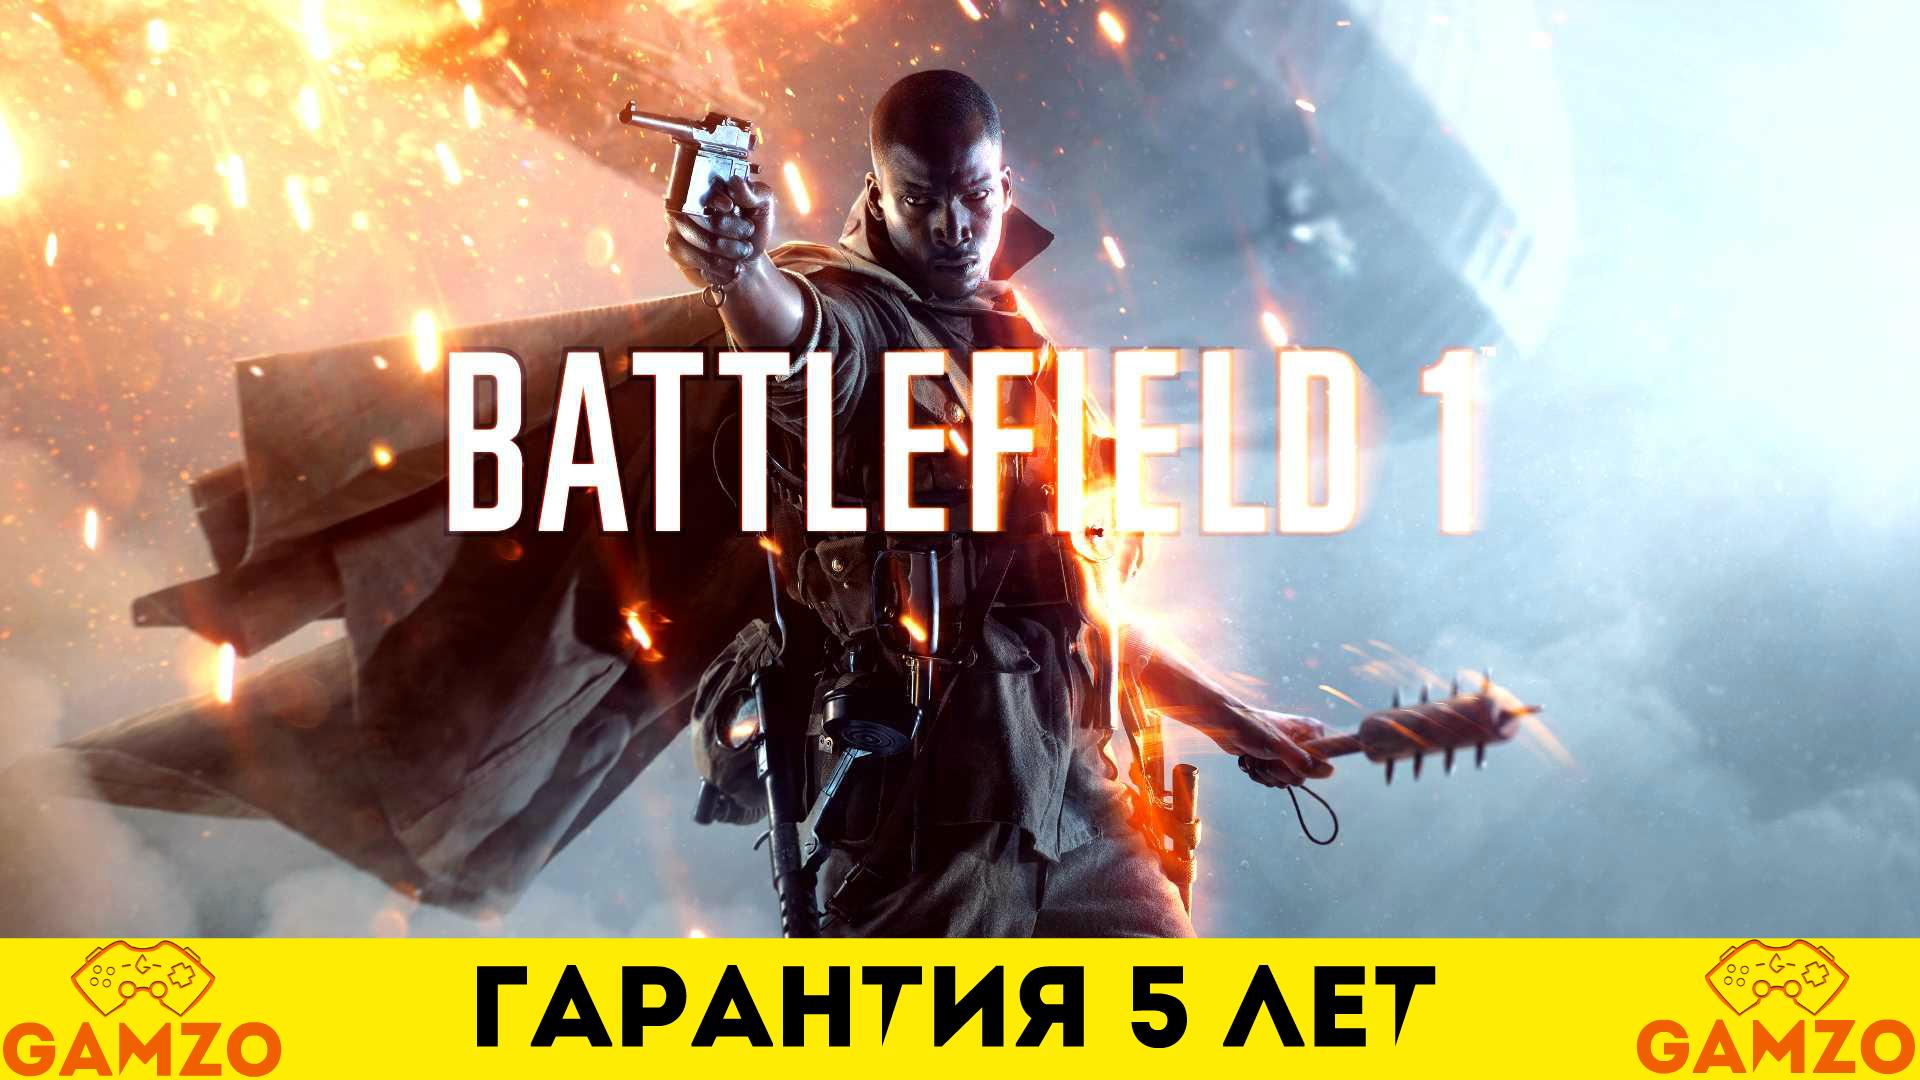 Battlefield 1™ | Гарантия 5 лет | + Подарок BF4